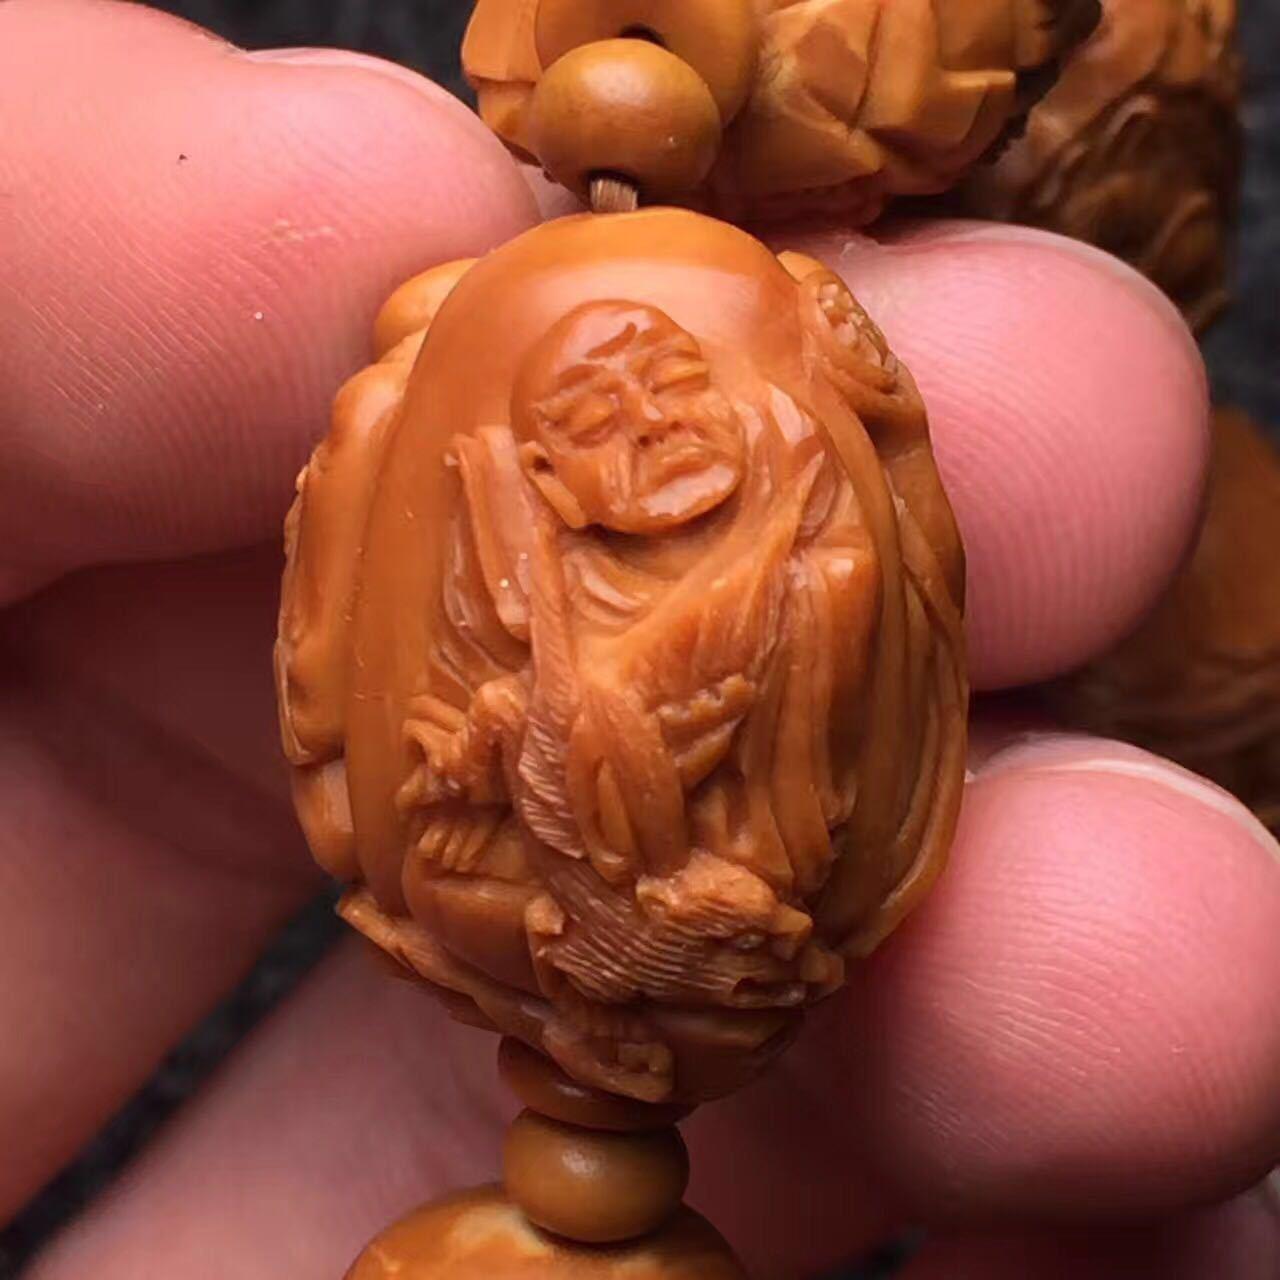 橄榄核18罗汉雕刻|摄影|静物|龙掌柜文玩 - 原创作品图片